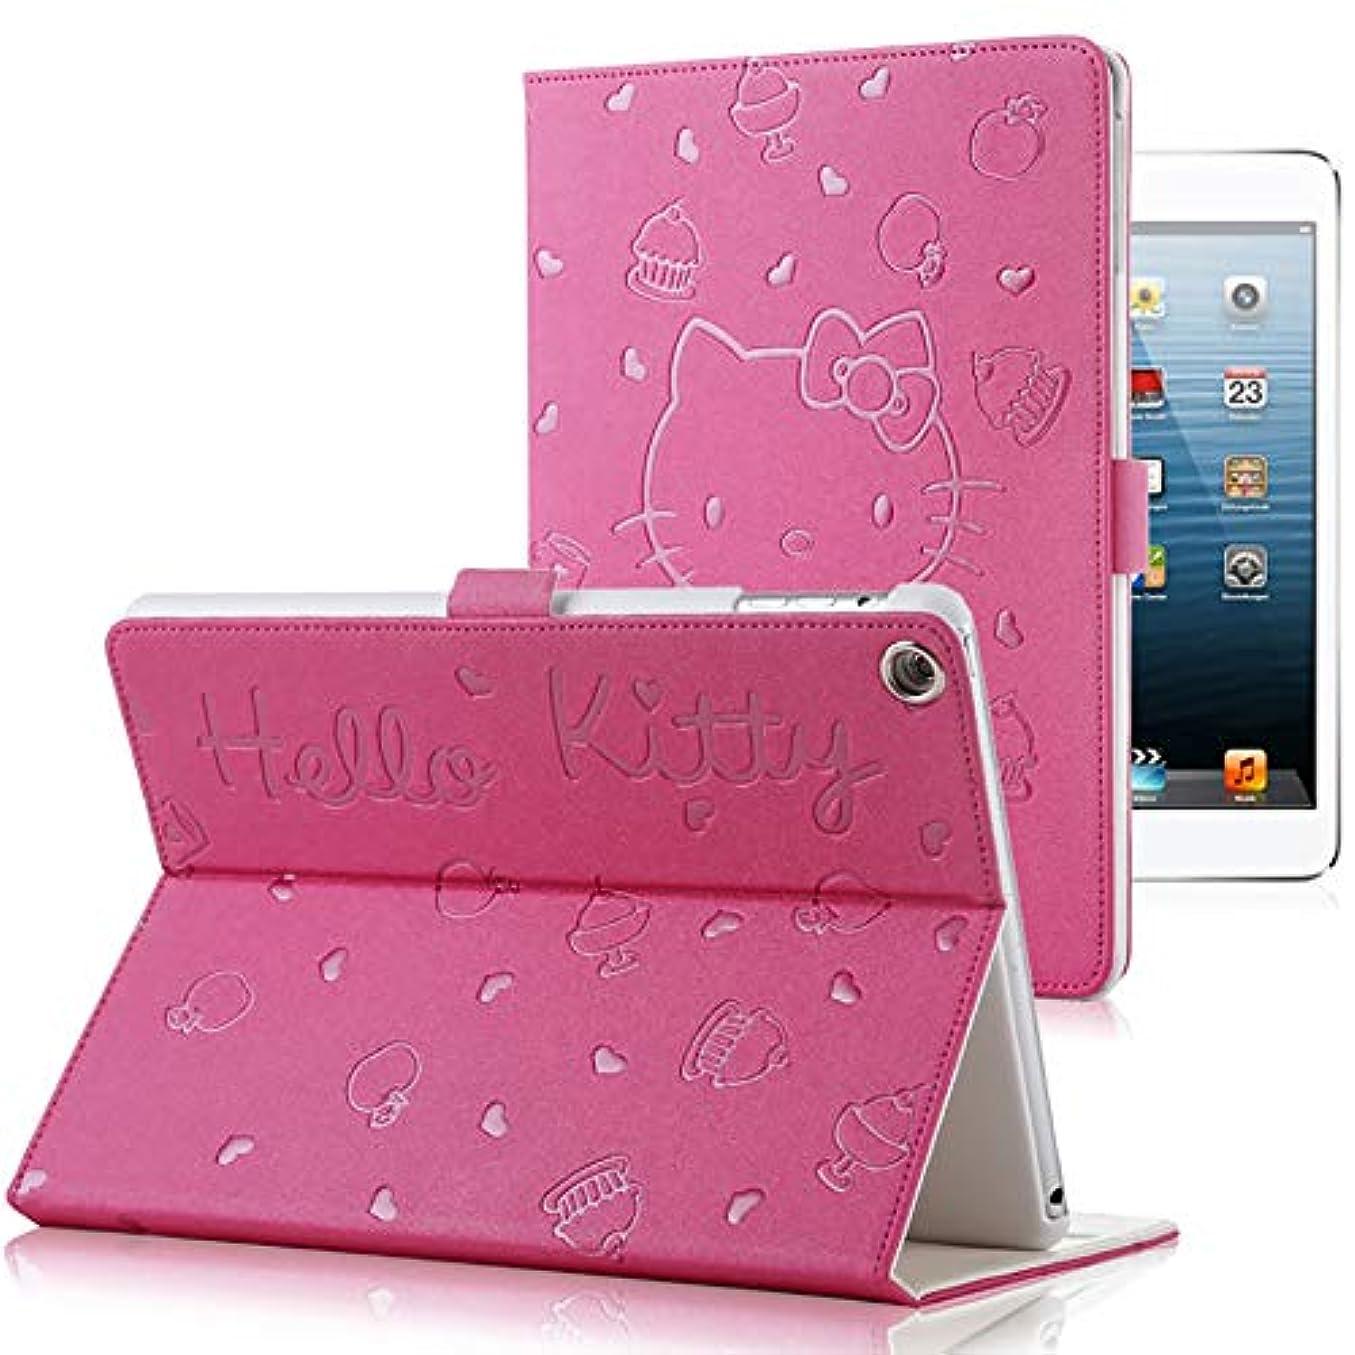 ランデブーグラム文献iPad mini 4 5 ケース、漫画ハローキティパターン磁気フォリオスタンドスマートカバー付き自動スリープ/ウェイク機能付き女性女の子子供 (iPad Mini 45, ローズレッド)